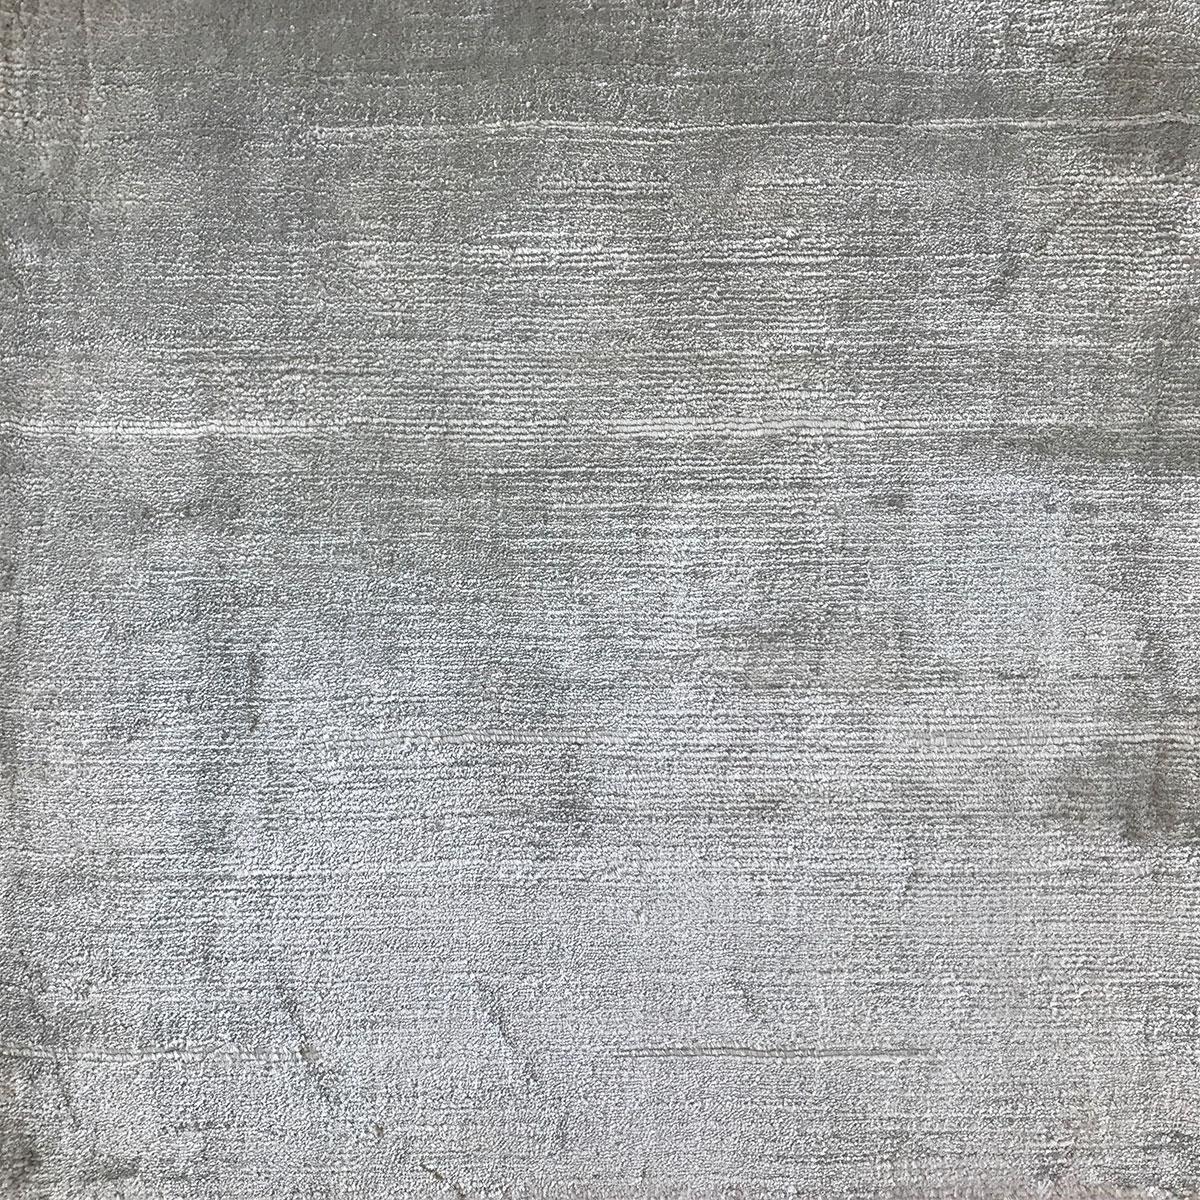 modal-dashes-mist-custom-area-rug.jpg